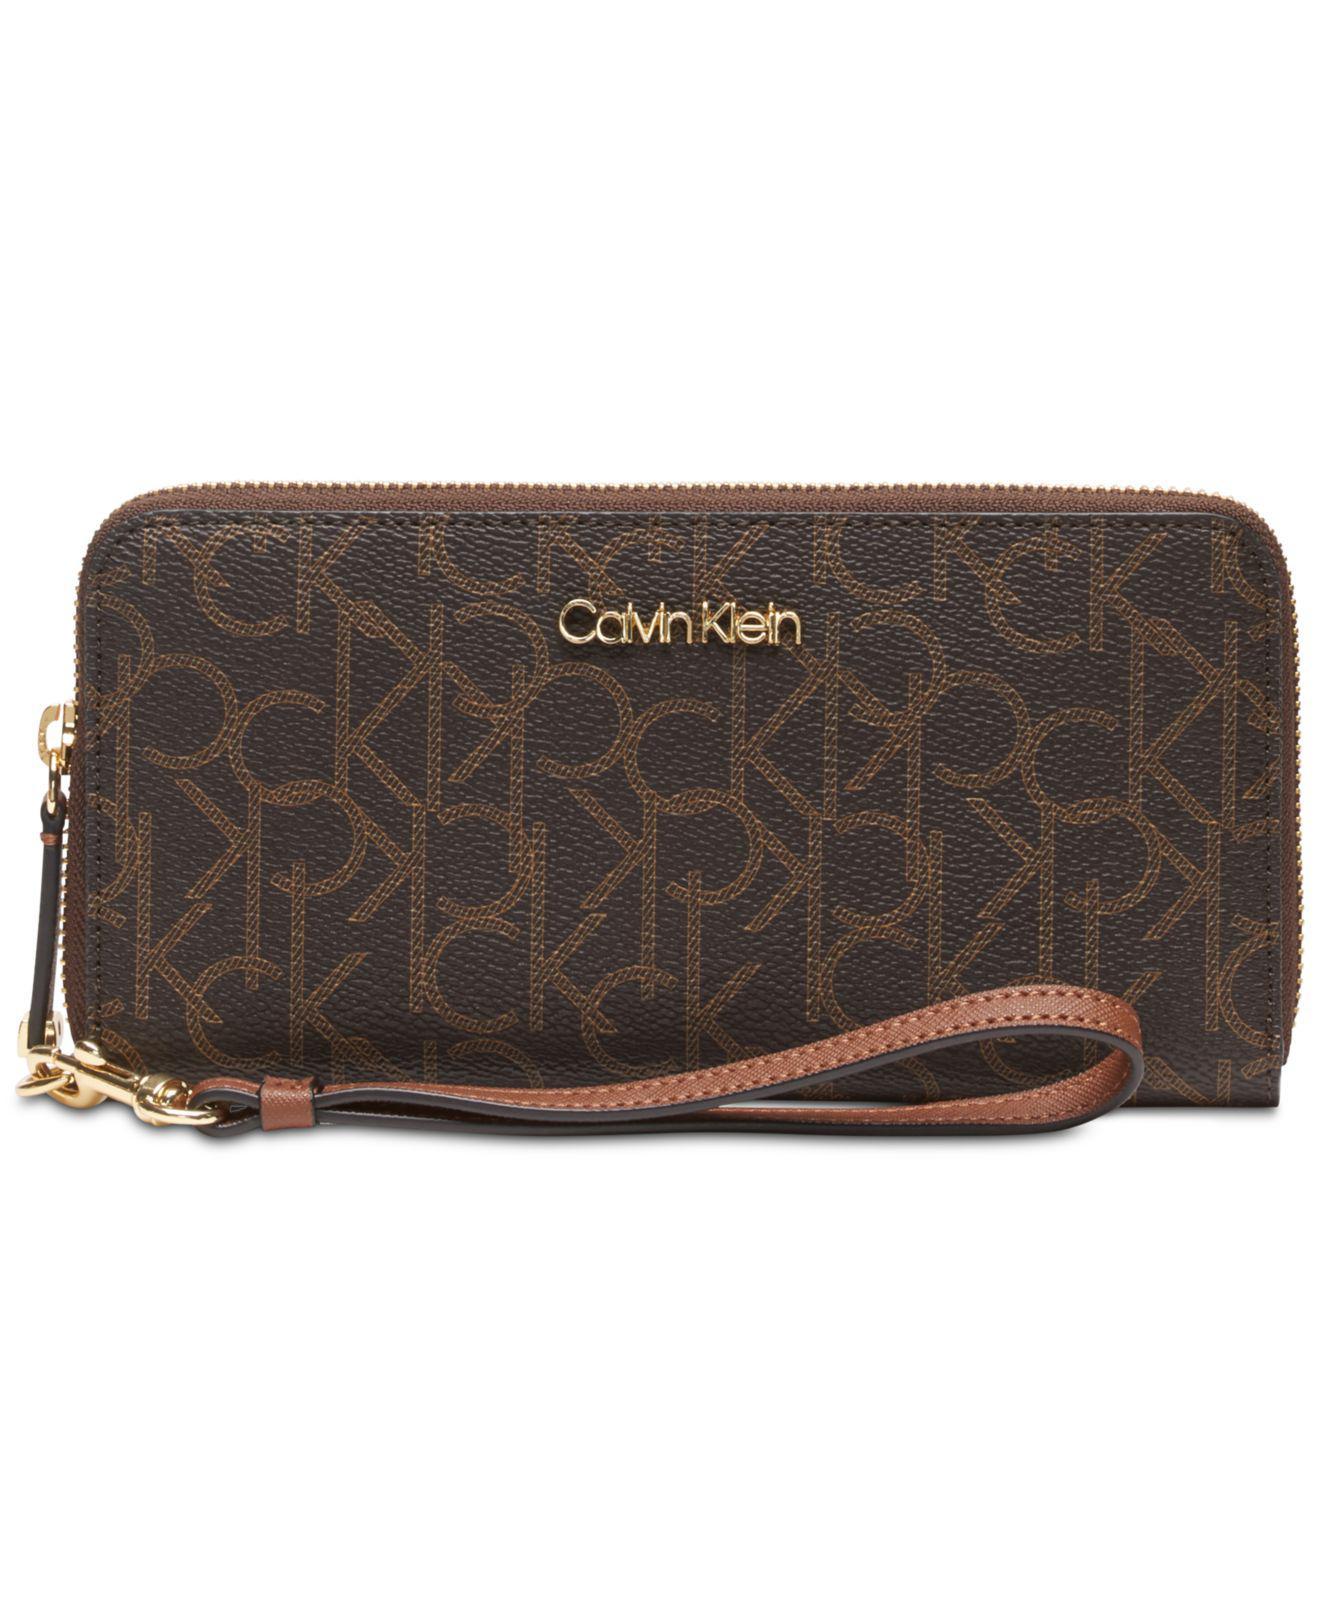 fee6e1d80748 Calvin Klein Signature Zip-around Wallet in Brown - Save 31% - Lyst